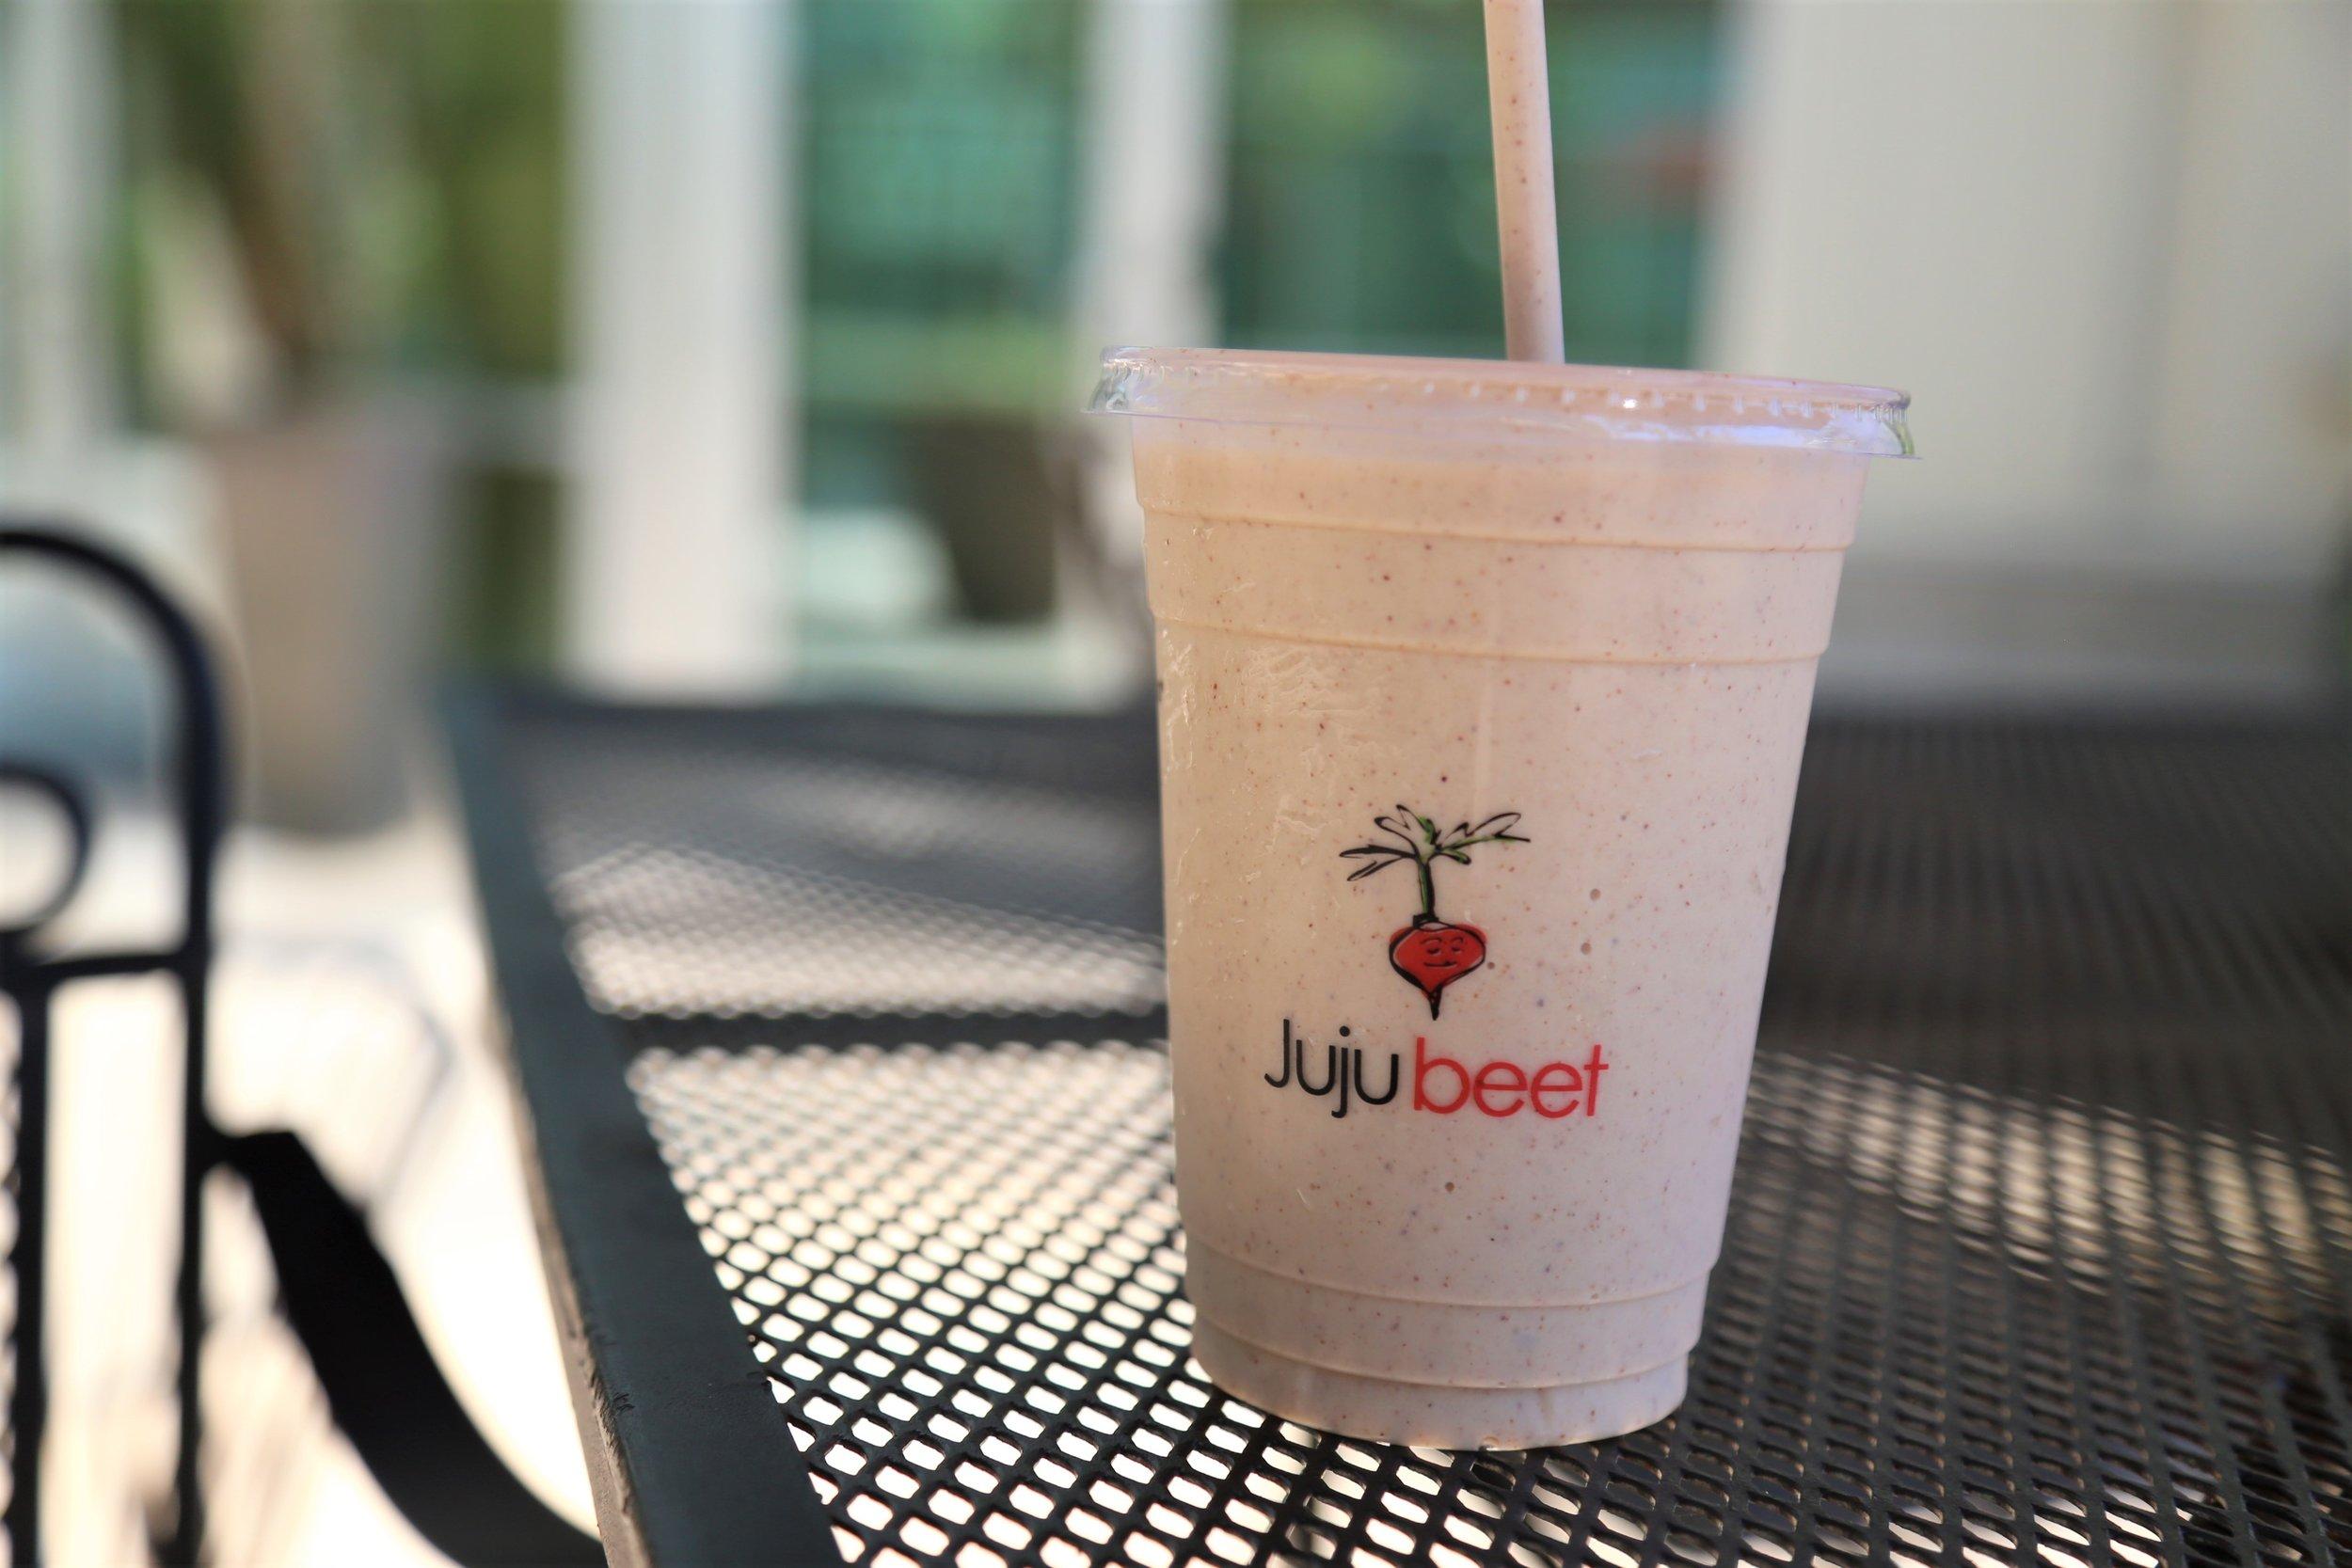 Jujubeet's Cacao Wow